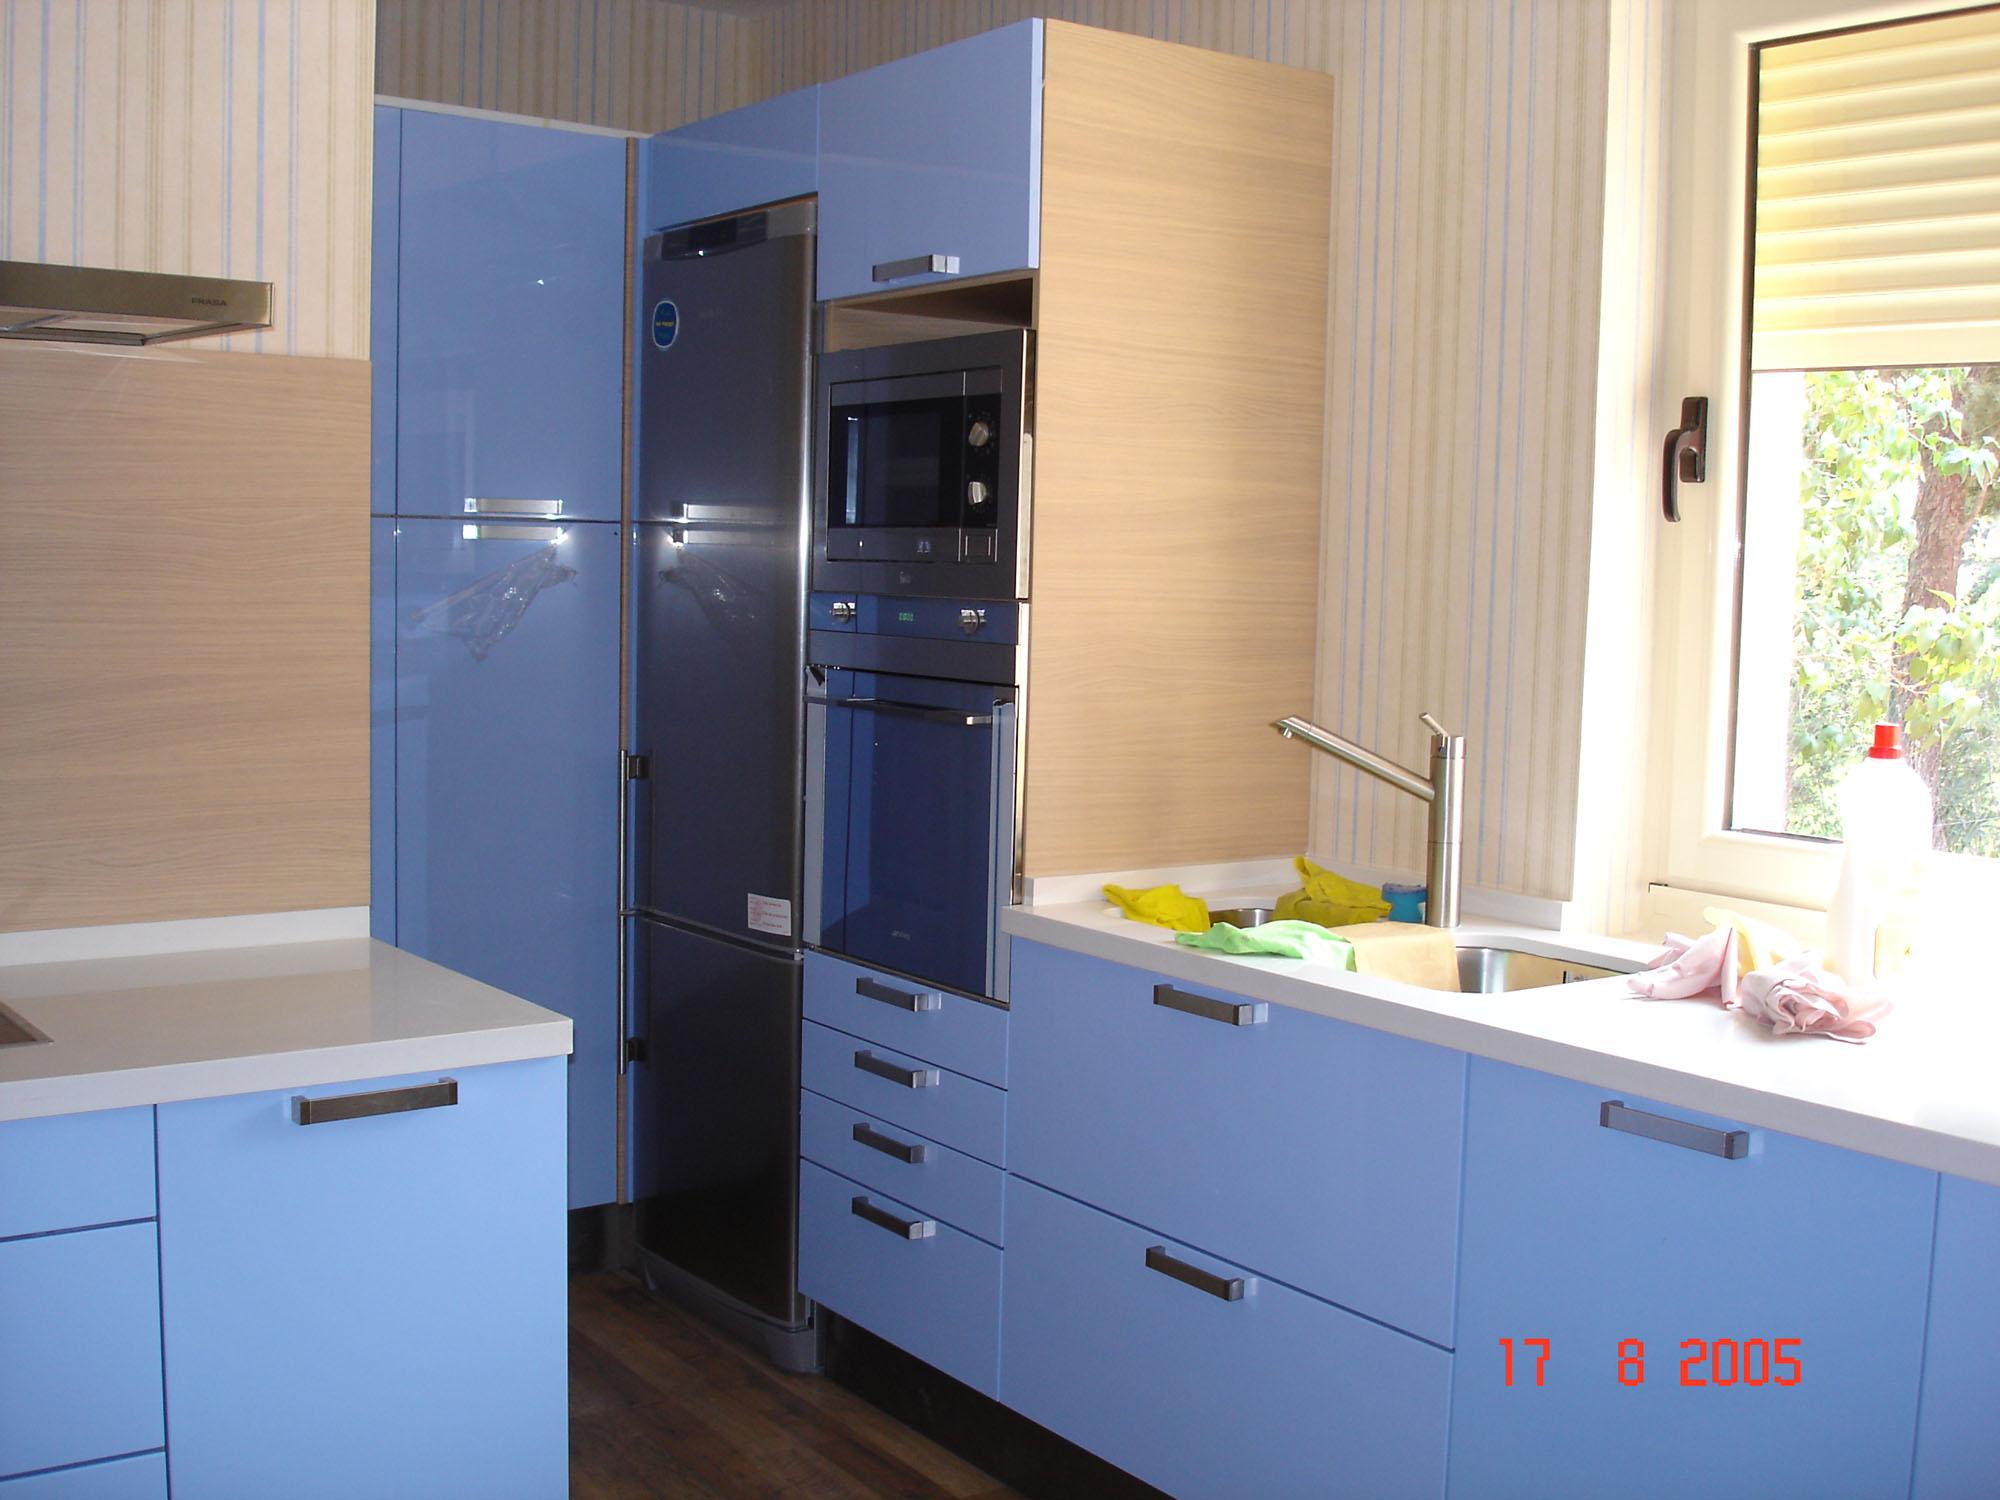 Muebles de cocina josmi valladolid ideas for Muebles de cocina valladolid